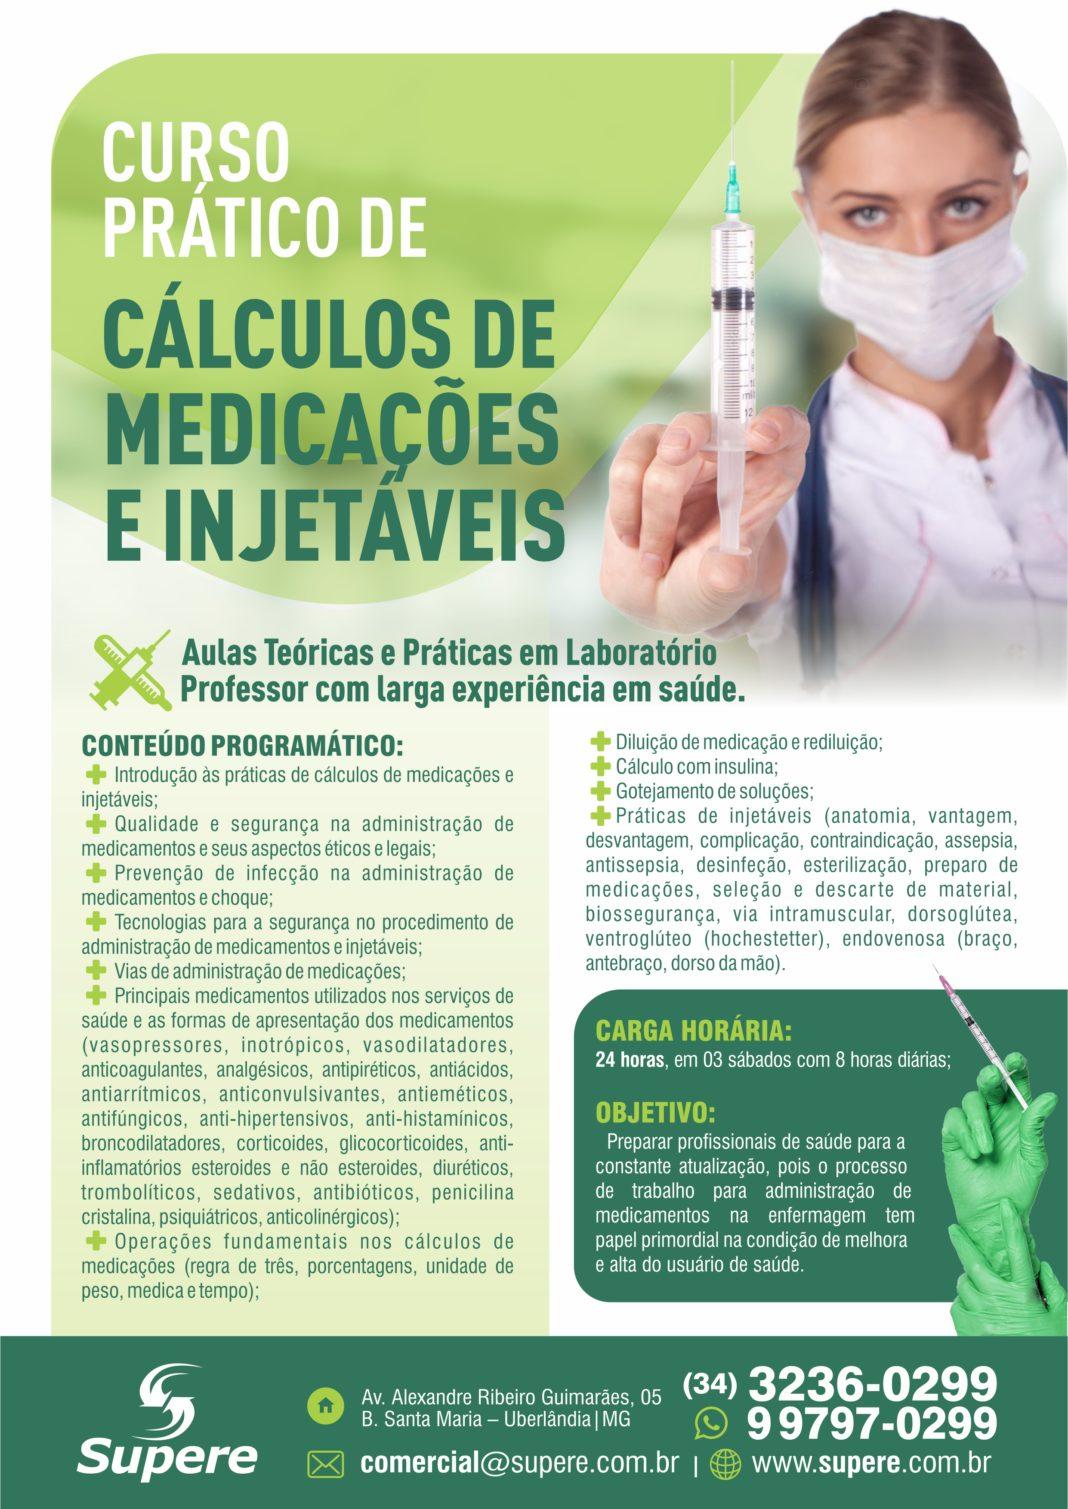 CALCULO DE MEDICACOES E INJETAVEIS